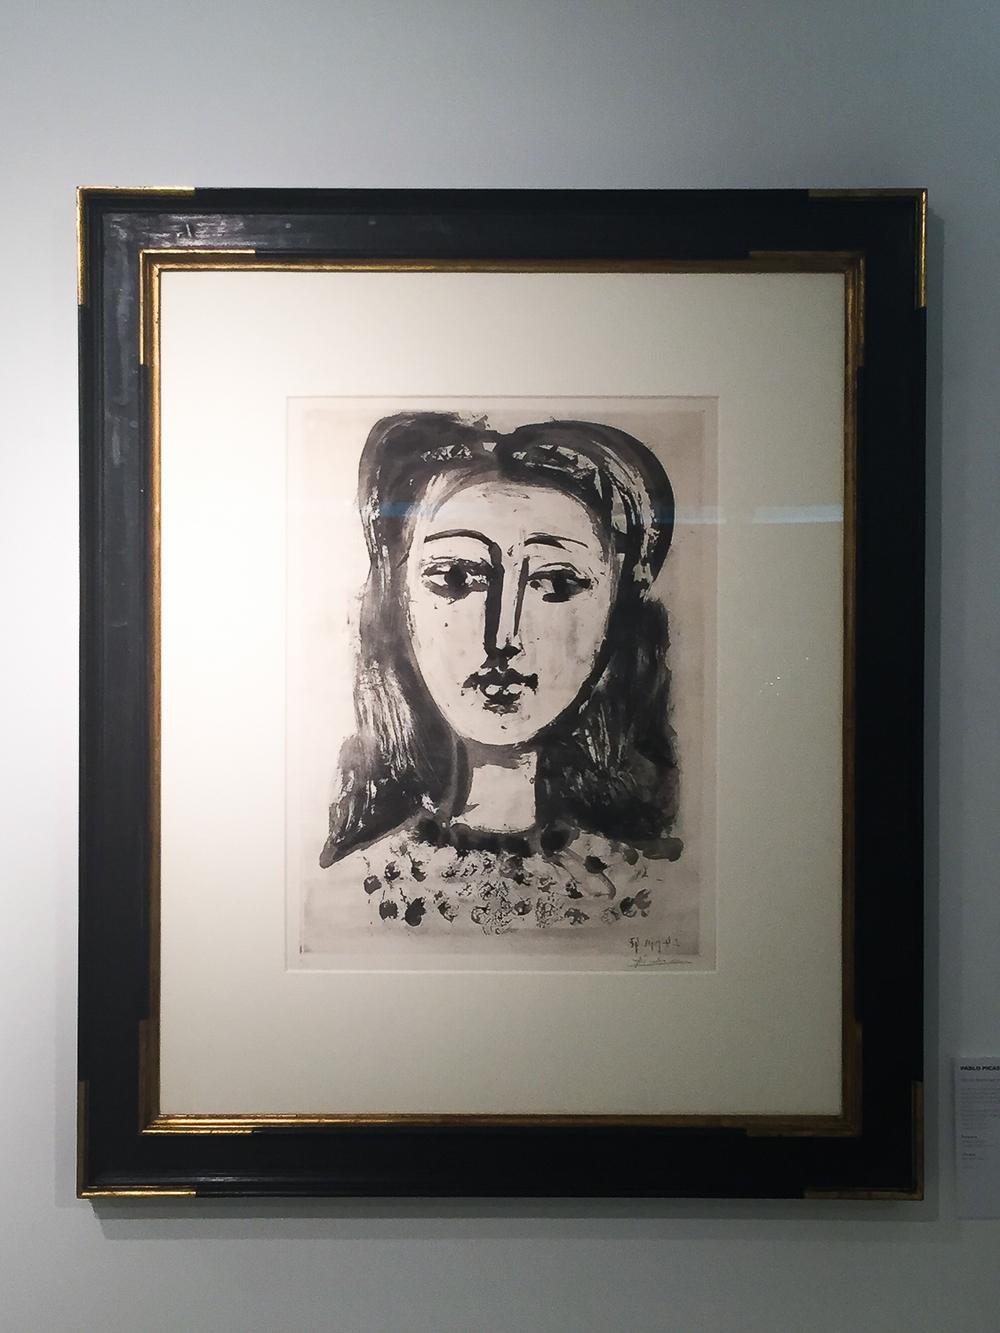 Pablo Picasso,Tête de femme aux cheveux flous, 24 June 1947, Aquatint on Arches wove paper